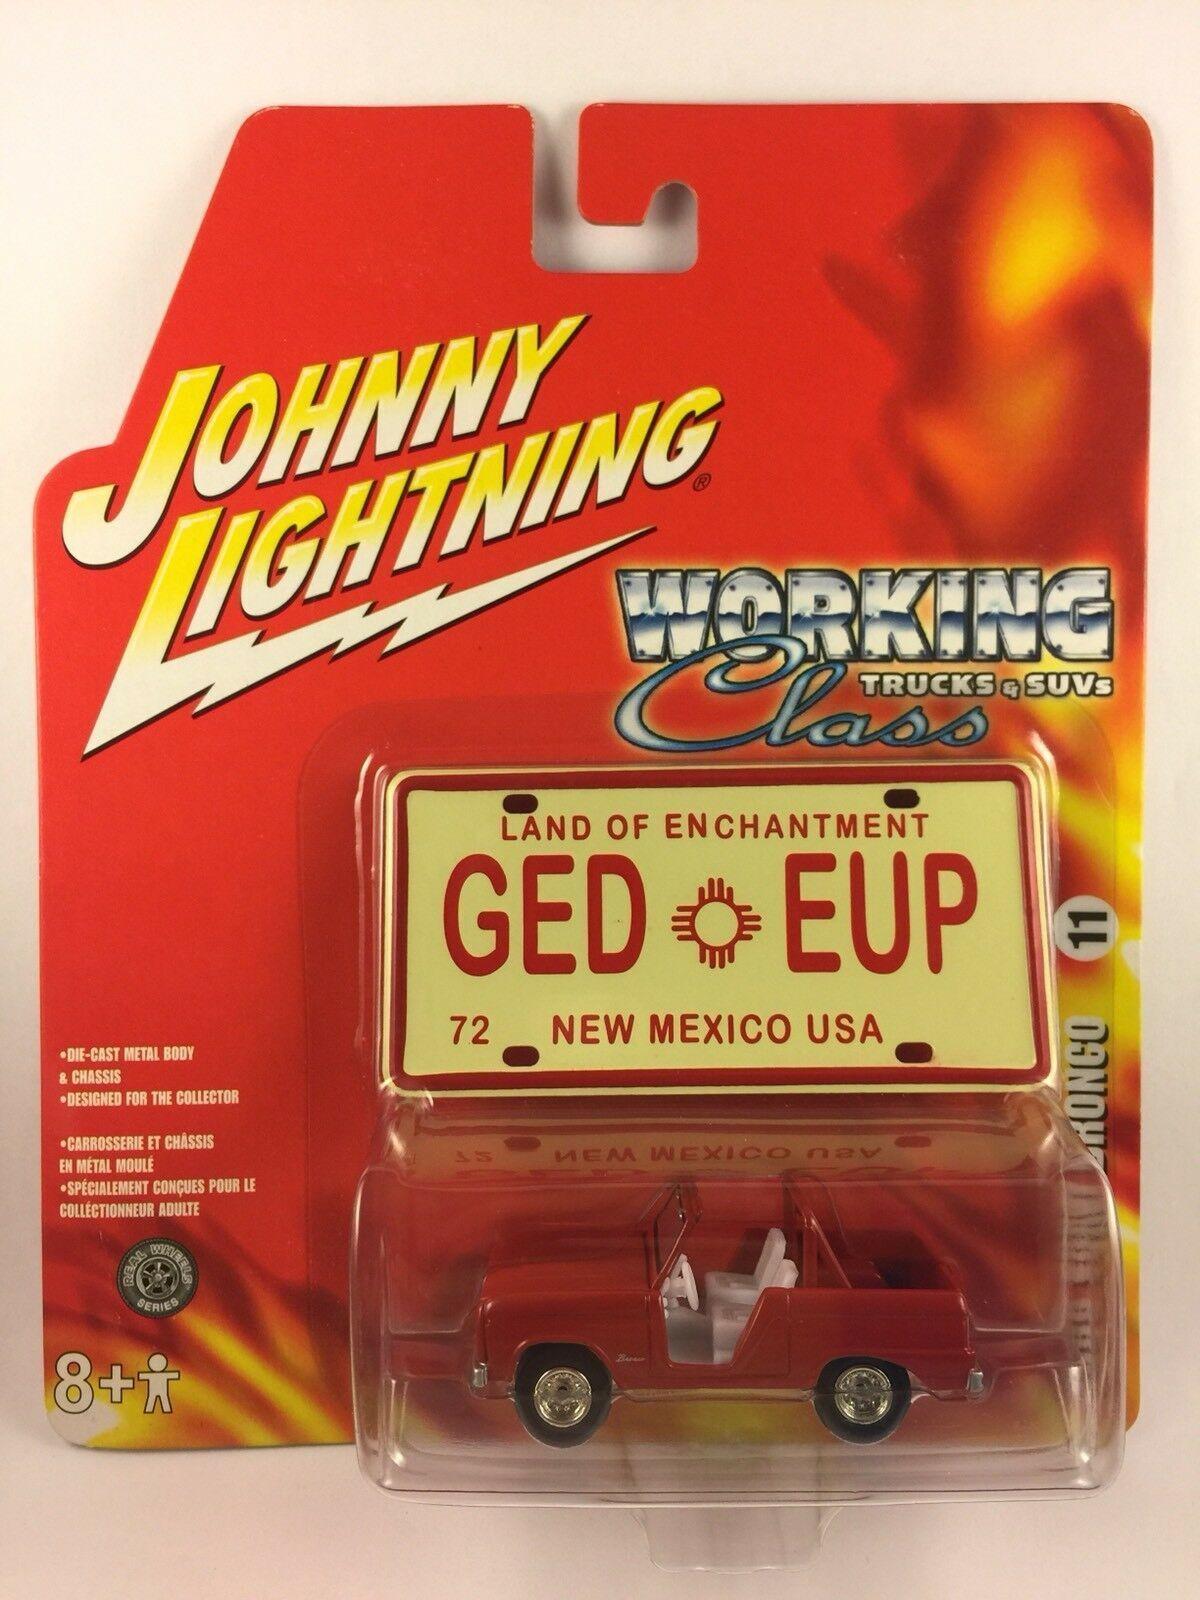 Johnny Lightning bianca Lightning 66 1966 Ford Bronco camiones de trabajo & SUV 1 64